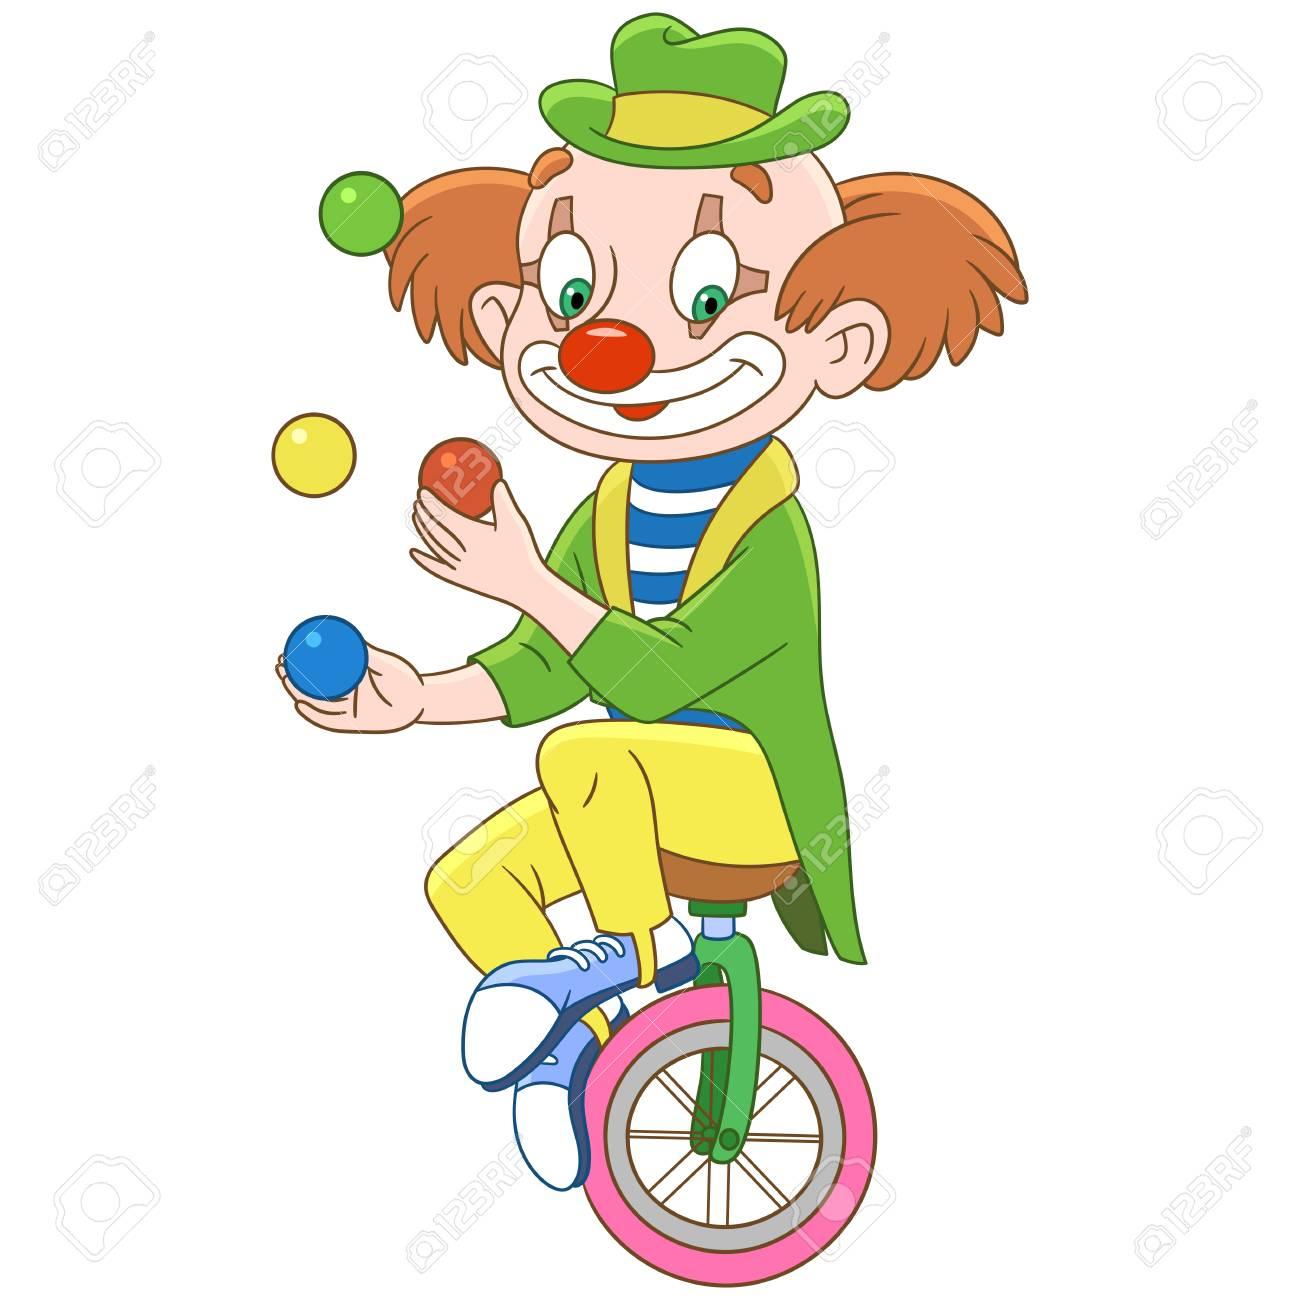 Jonglage De Clown De Dessin Animé, Isolé Sur Fond Blanc. Conception De Page  De Livre Coloré Pour Les Enfants Et Les Enfants. intérieur Dessin De Clown En Couleur